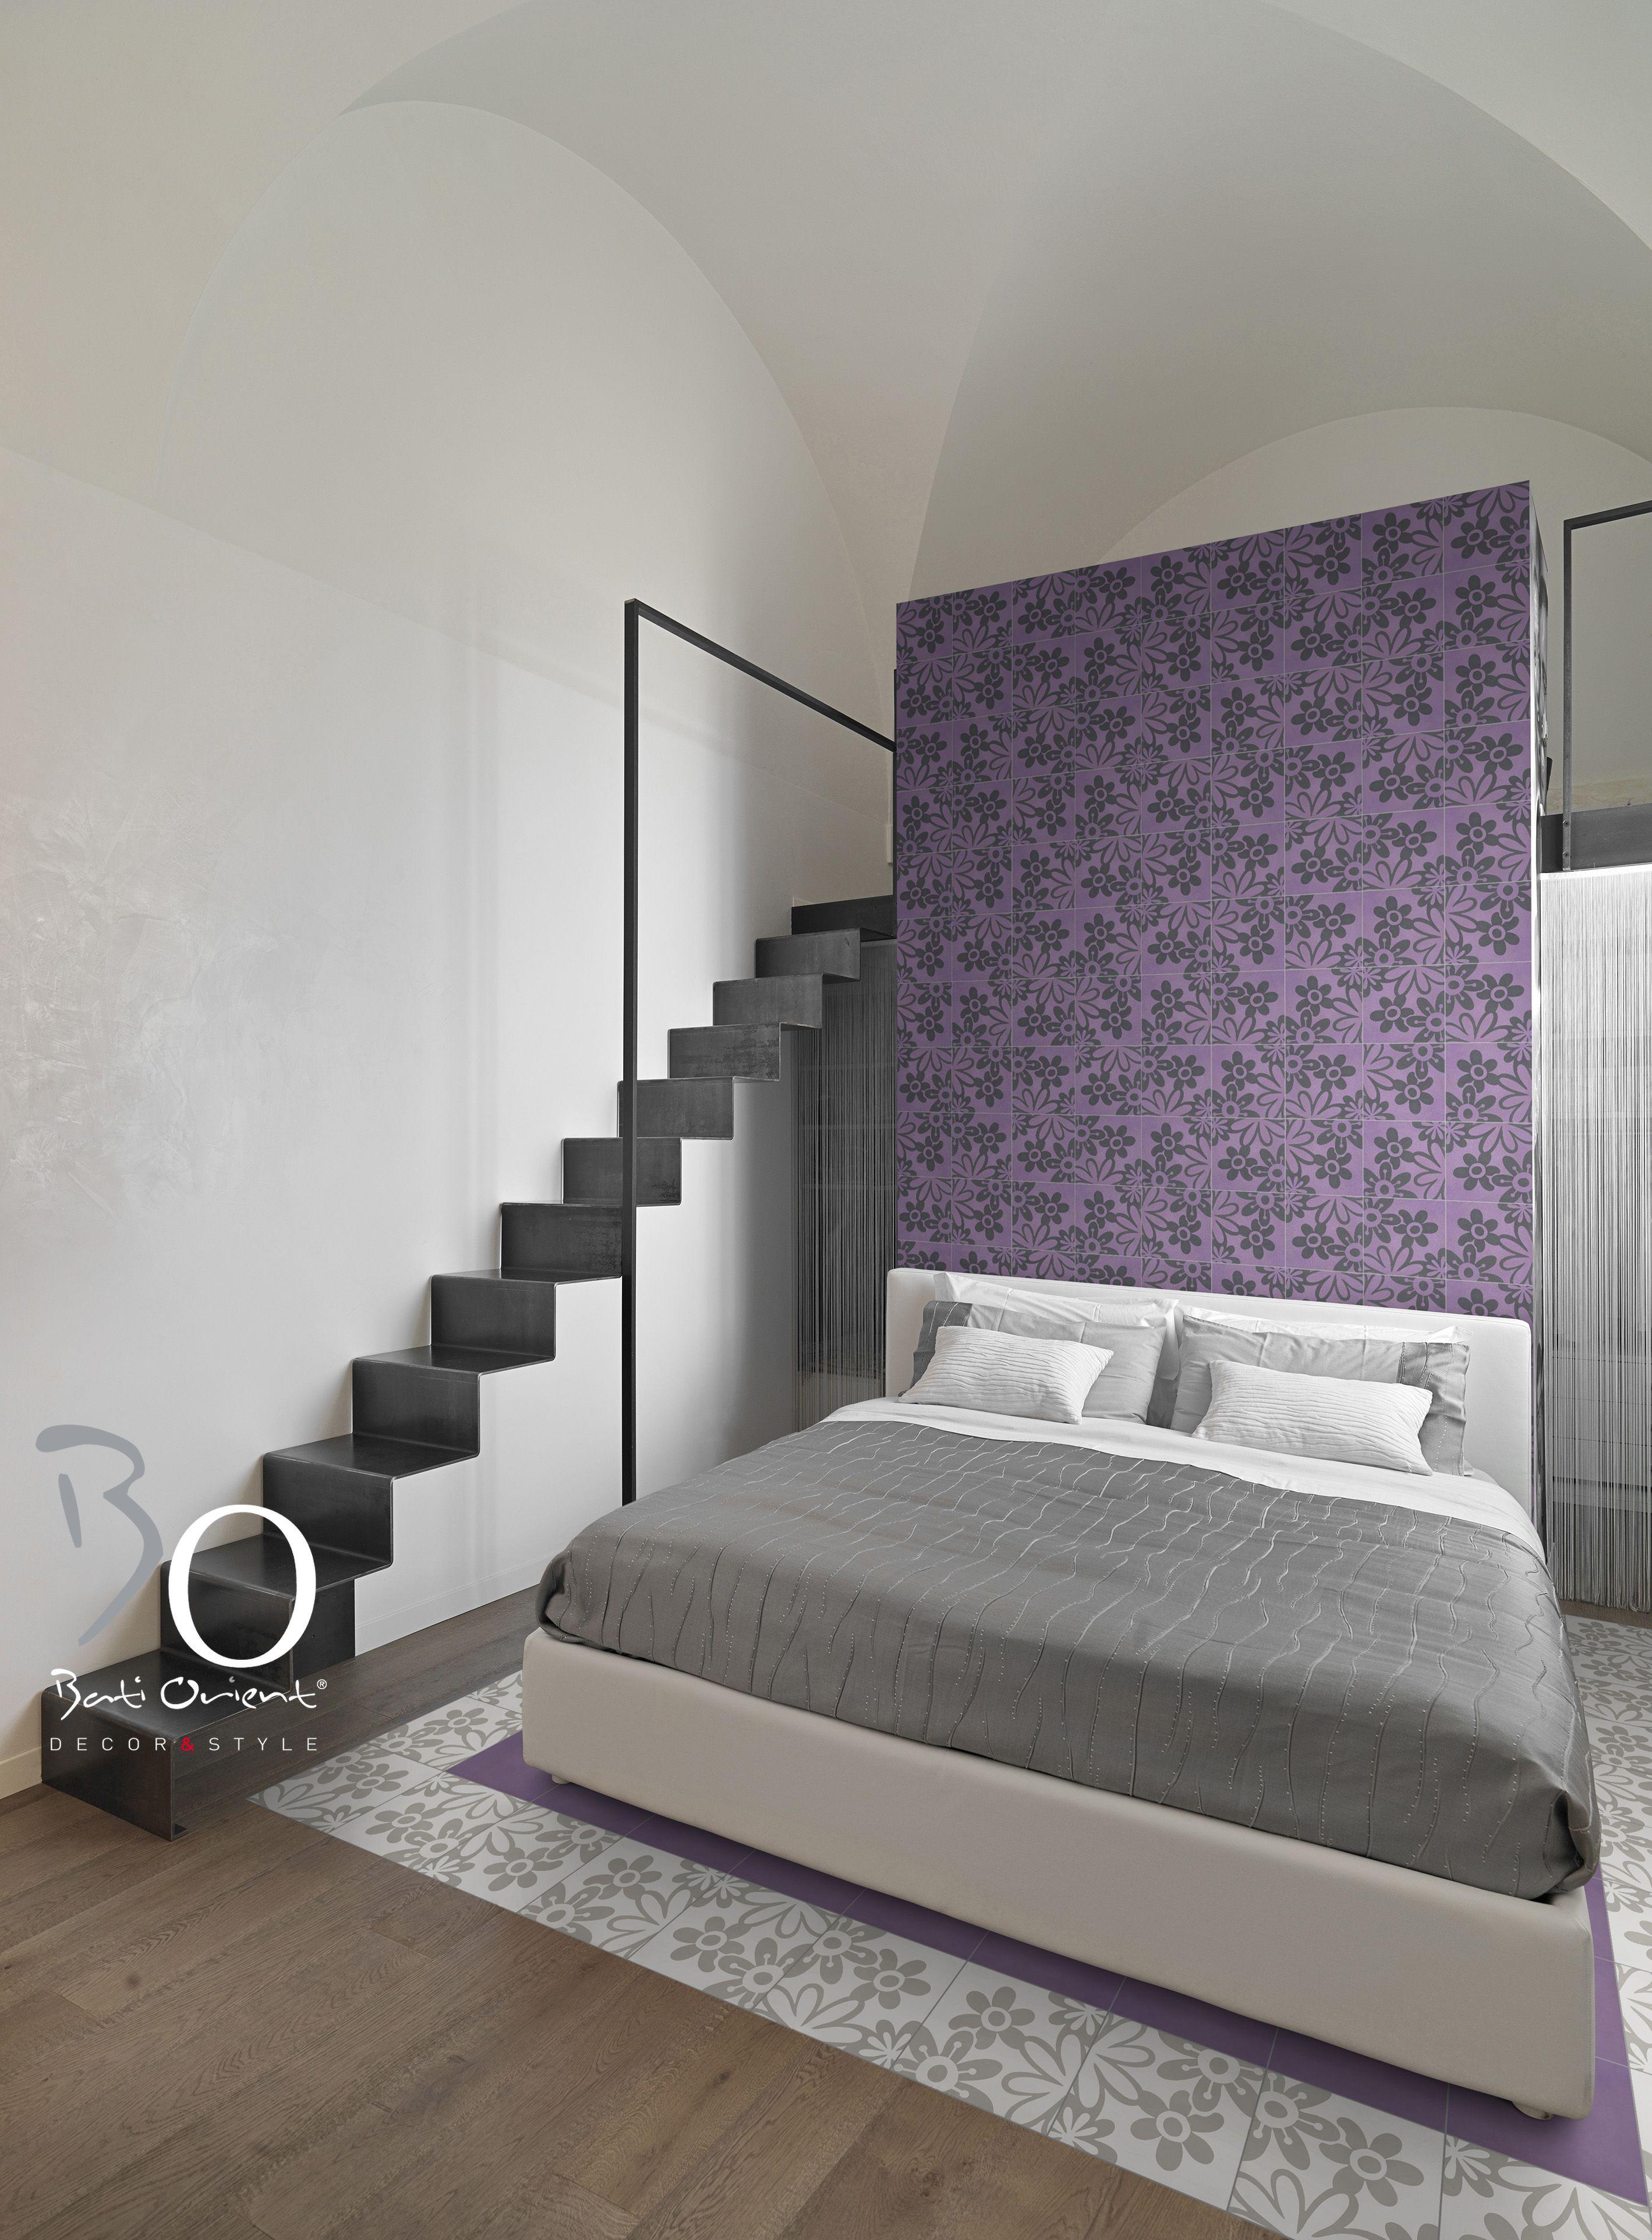 Pour cette chambre, #carreauxciment par #batiorient sur le mur tête ...